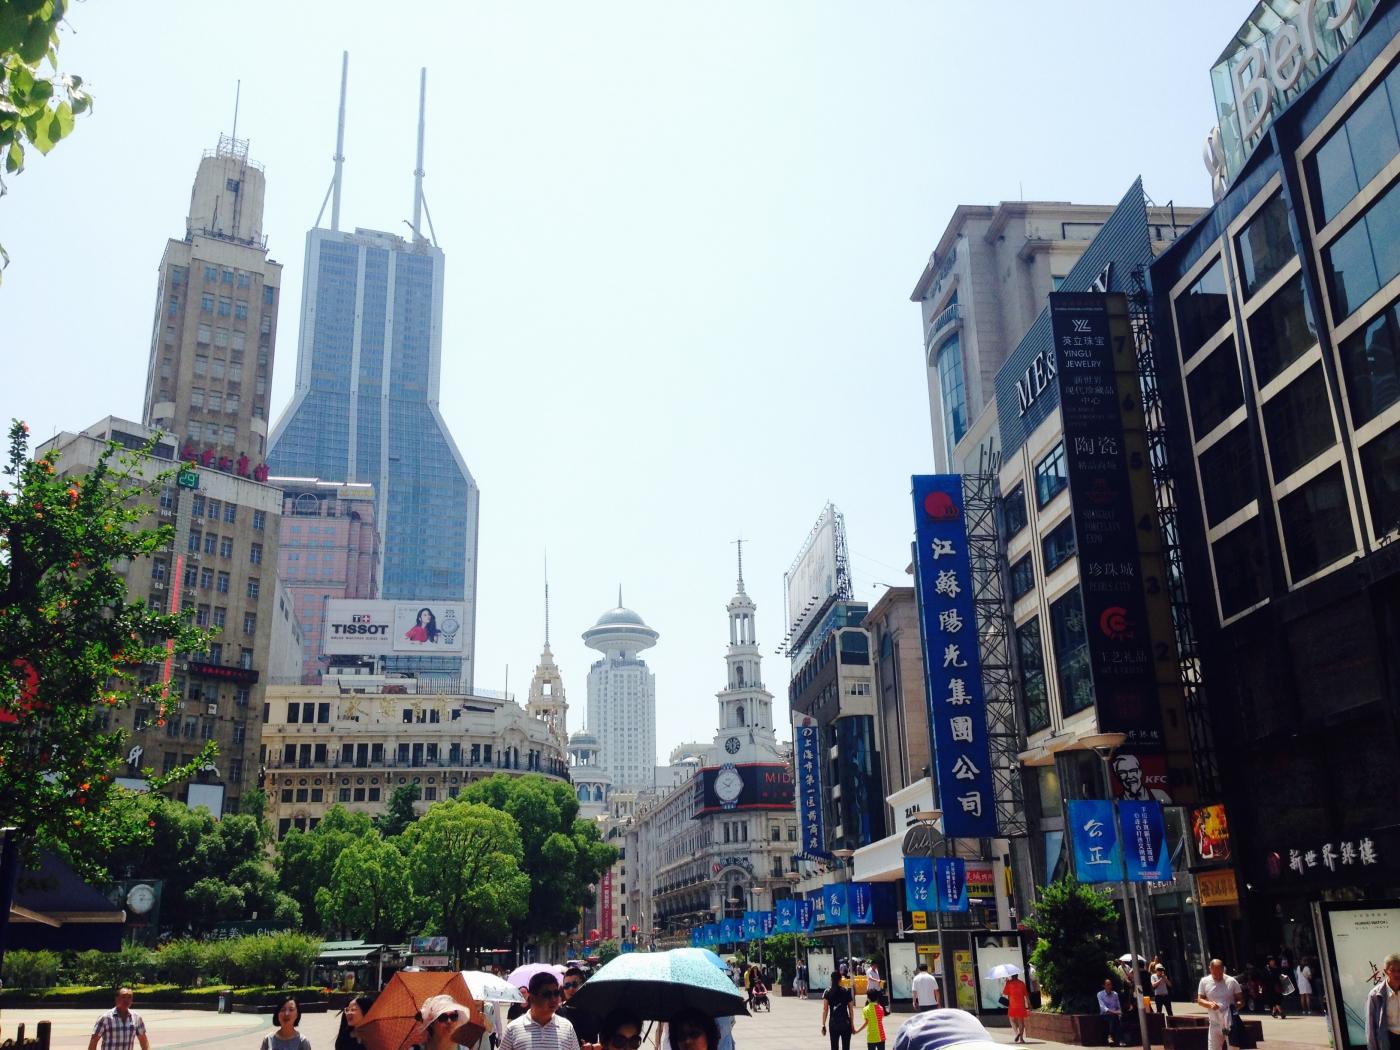 闲逛上海看街景_图1-3